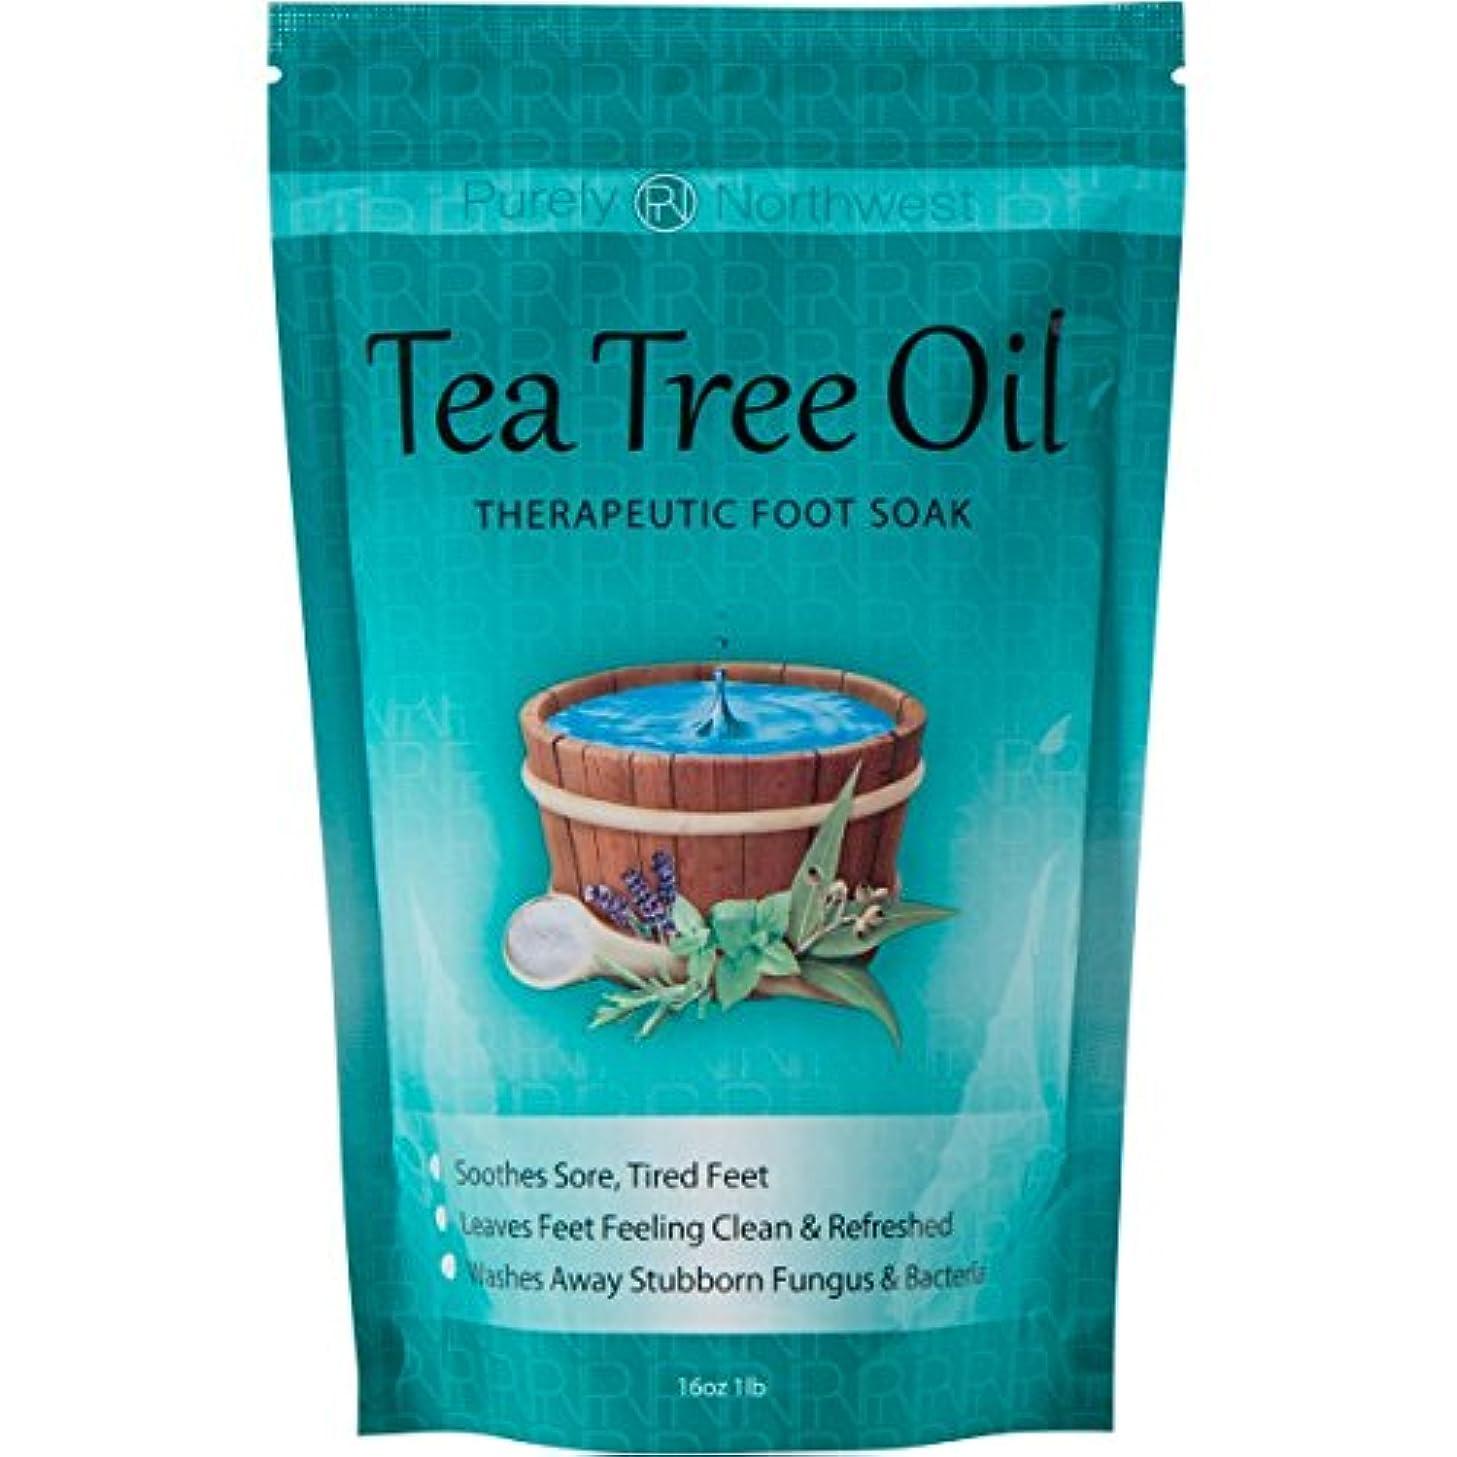 サミット大腿奨励ティーツリーオイル配合 フットバス用ソルト Tea Tree Oil Foot Soak With Epsom Salt 16oz (454g)